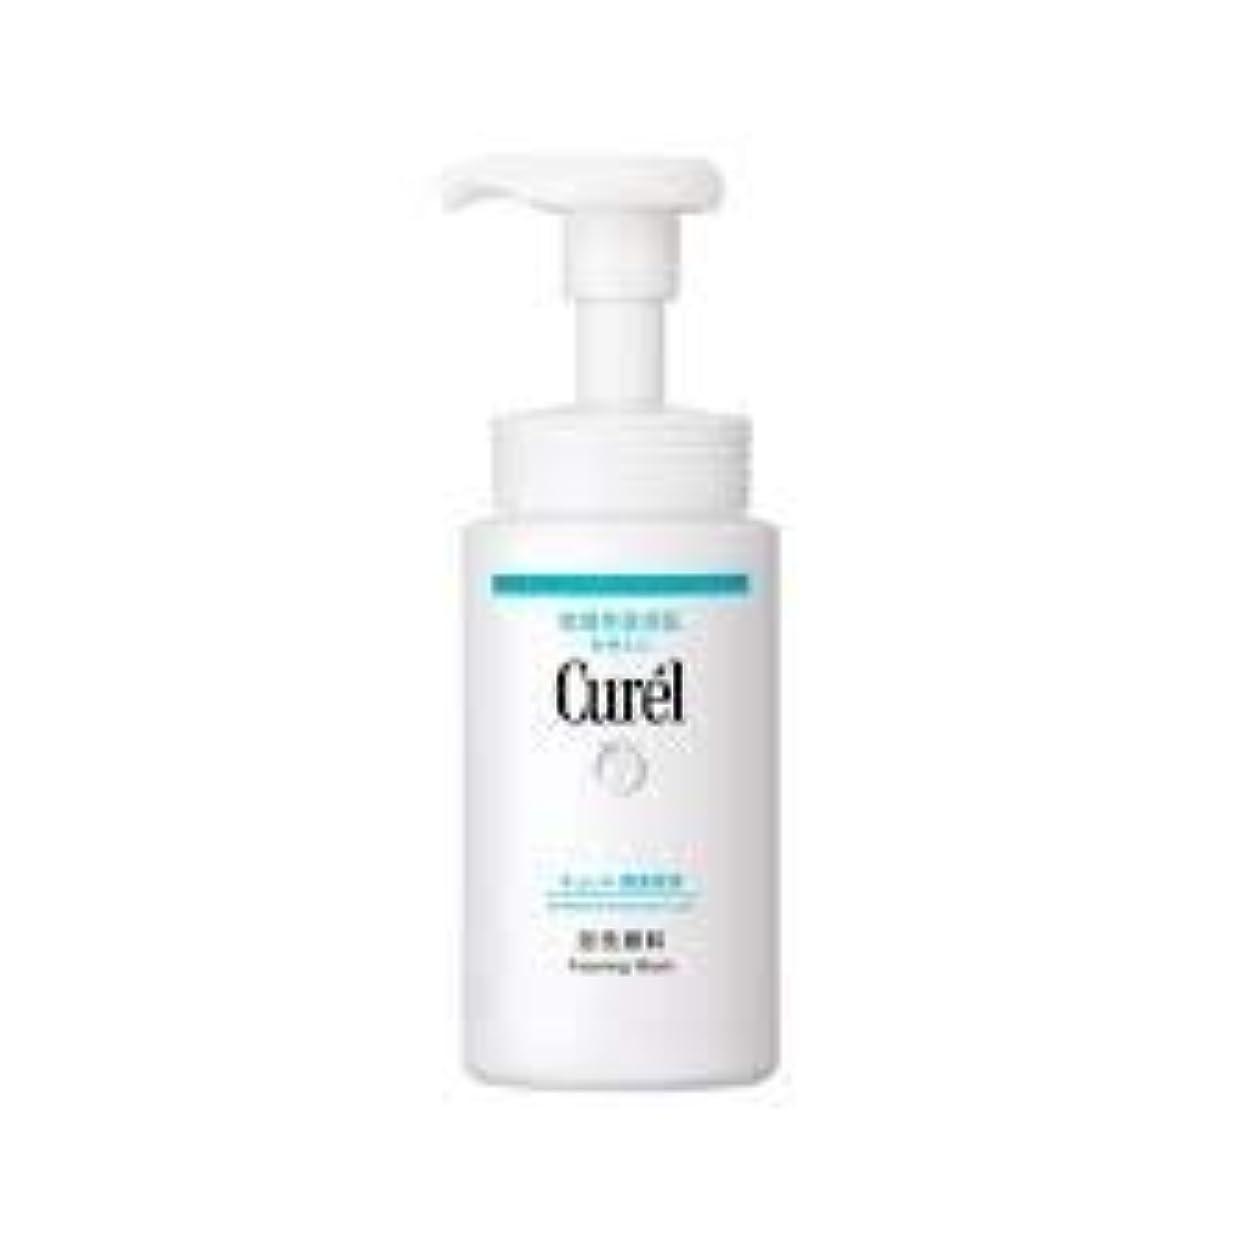 愛情深い神経まともなCurél キュレル集中治療保湿泡風呂ゲル150ミリリットル - セラミドの保護や食材を清掃含まれ、皮膚に圧力を最小限にします